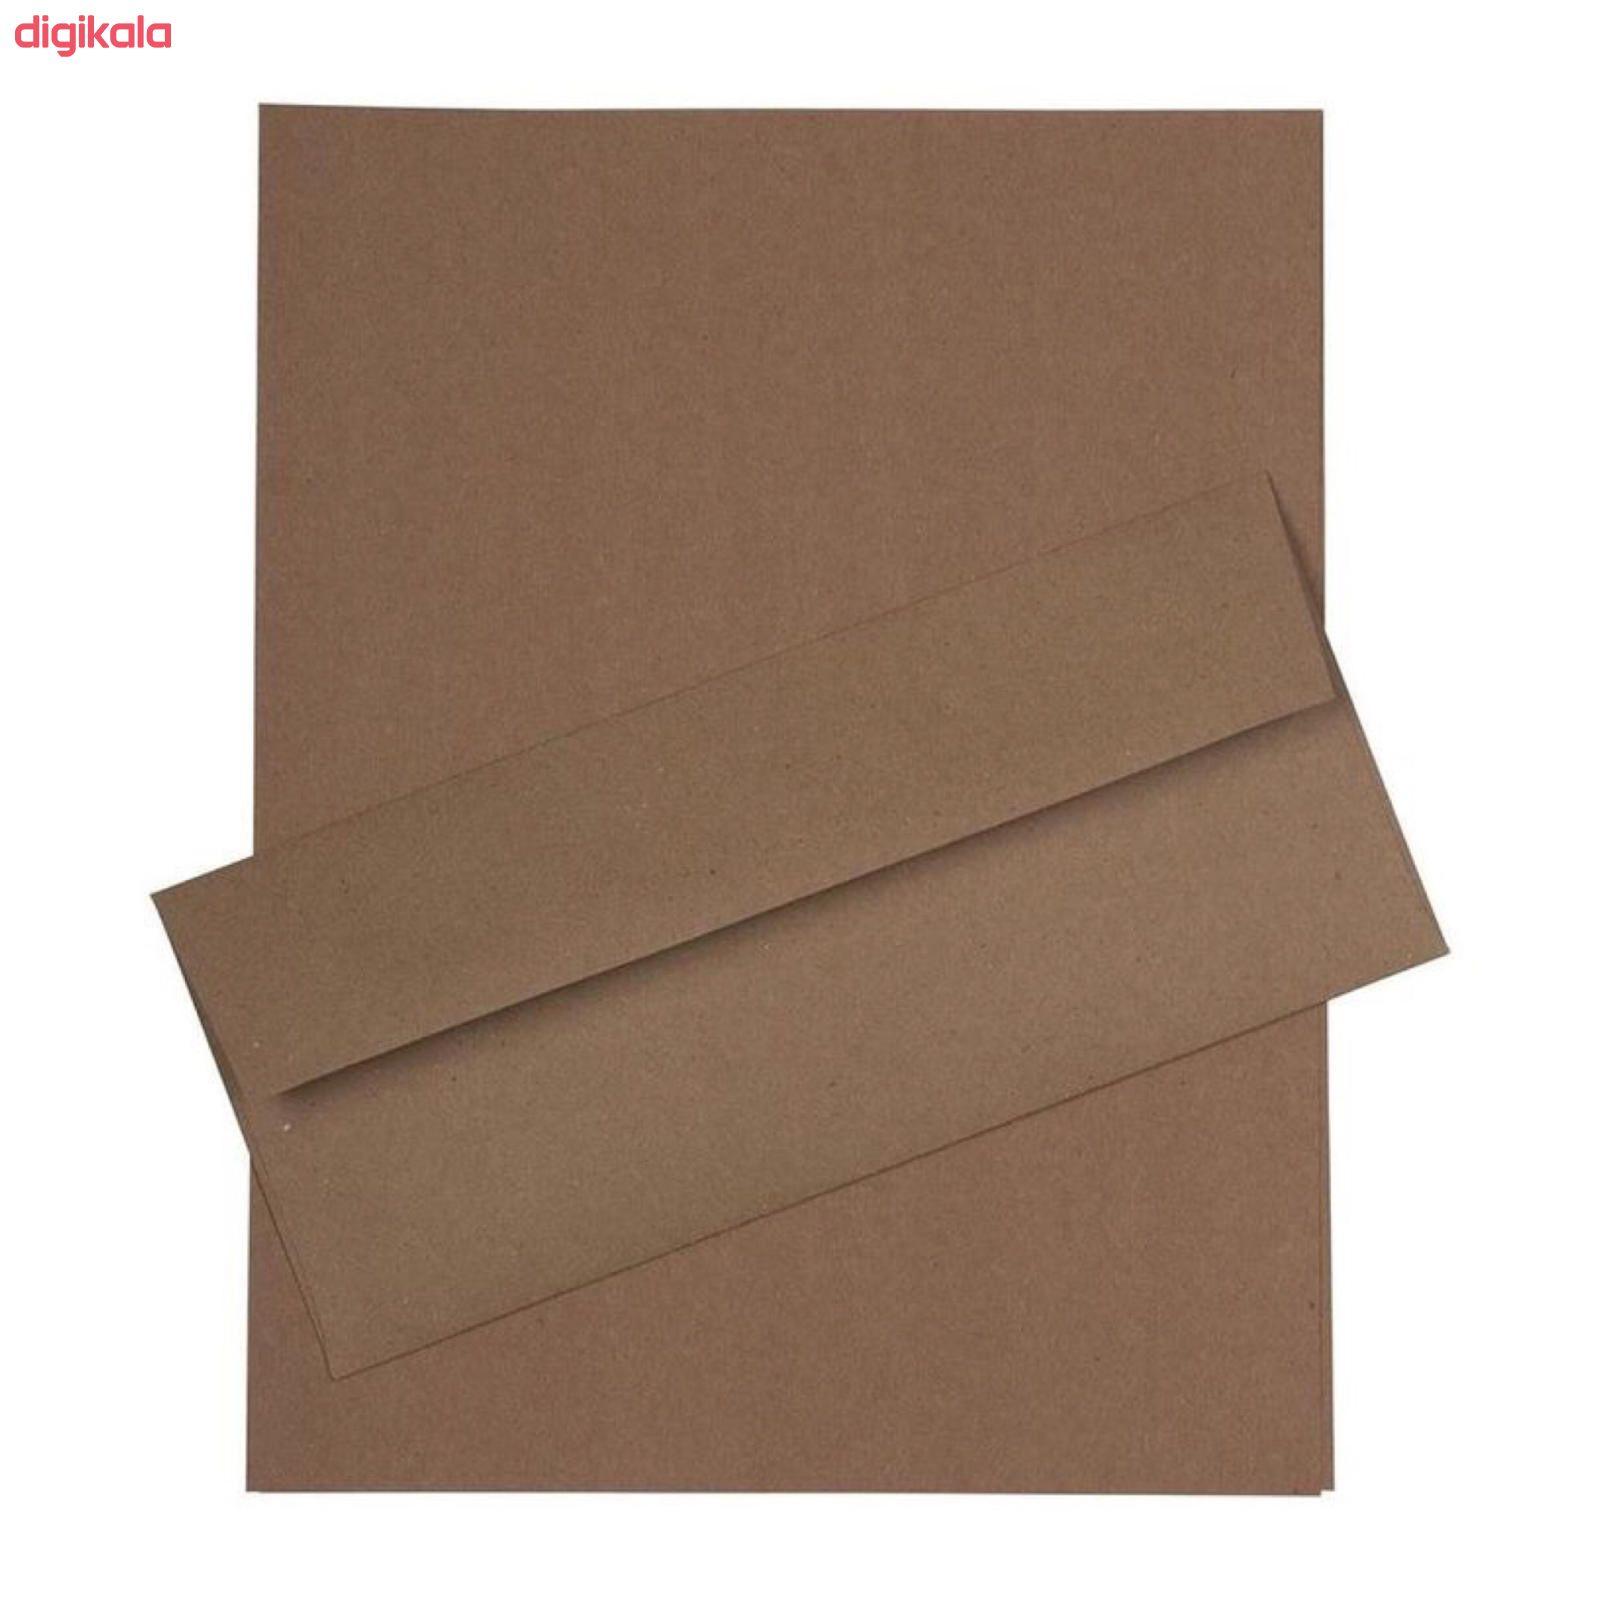 کاغذ کرافت کد kk10 بسته 10 عددی main 1 4